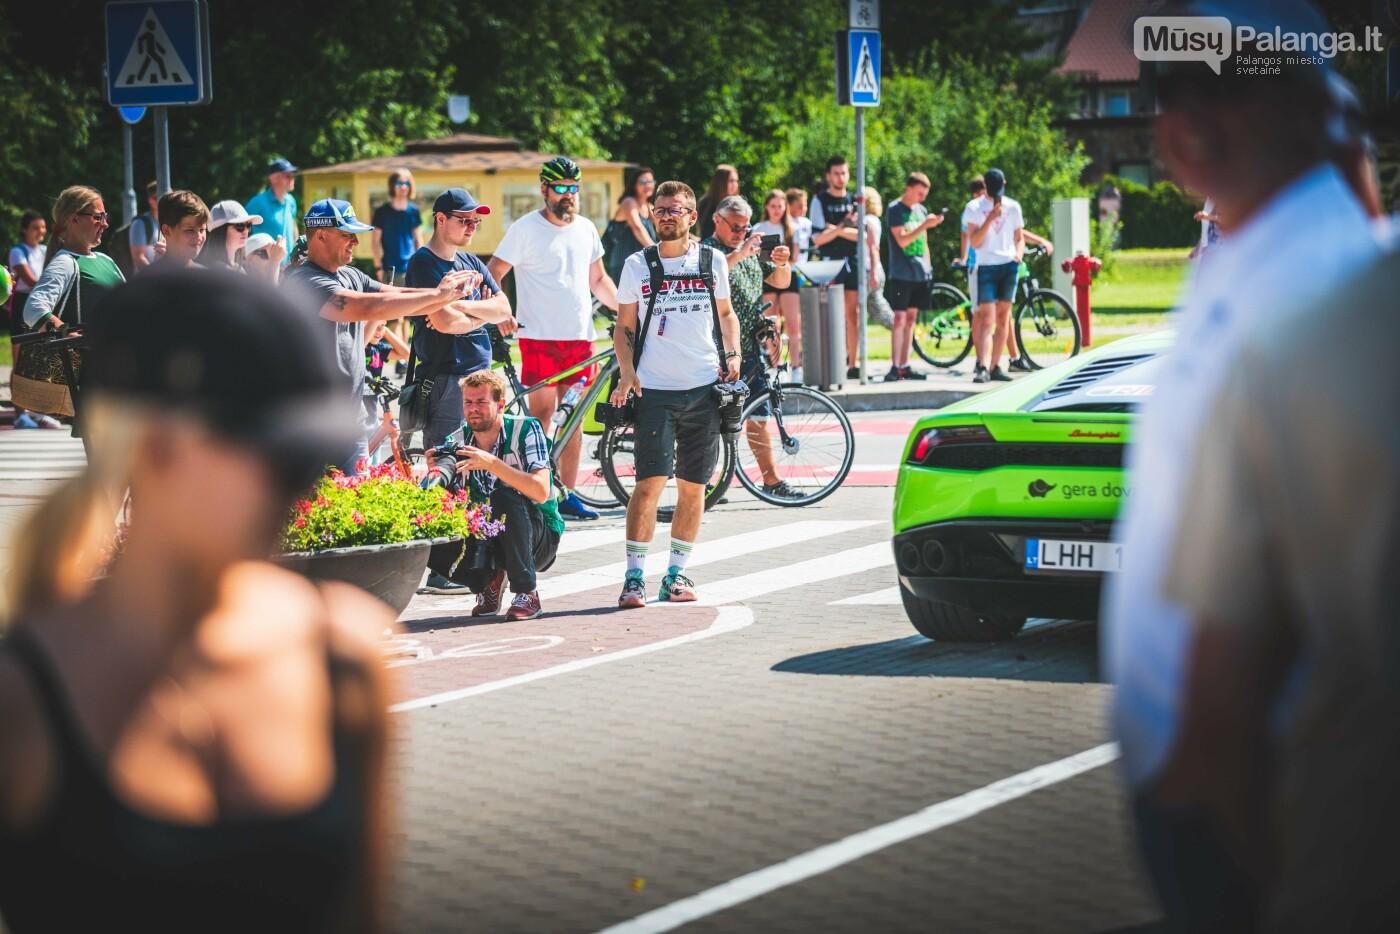 """Palanga alsuoja """"Aurum 1006 km lenktynių"""" ritmu, nuotrauka-92, Vytauto PILKAUSKO ir Arno STRUMILOS nuotr."""